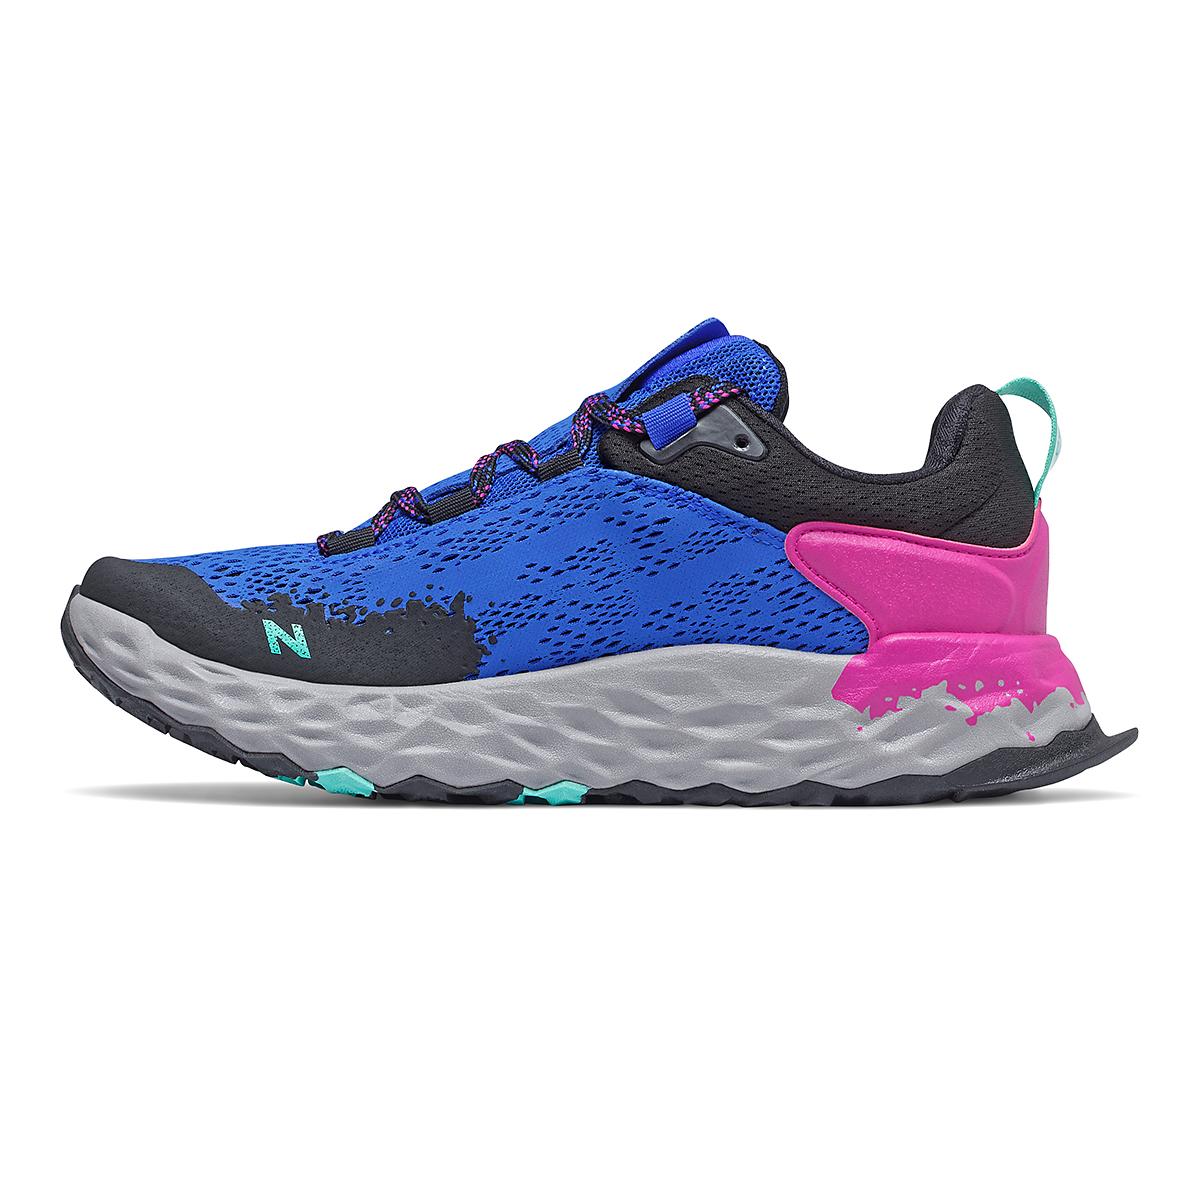 Women's New Balance Hierro V5 Running Shoe - Color: Cobalt - Size: 5.5 - Width: Regular, Cobalt, large, image 2